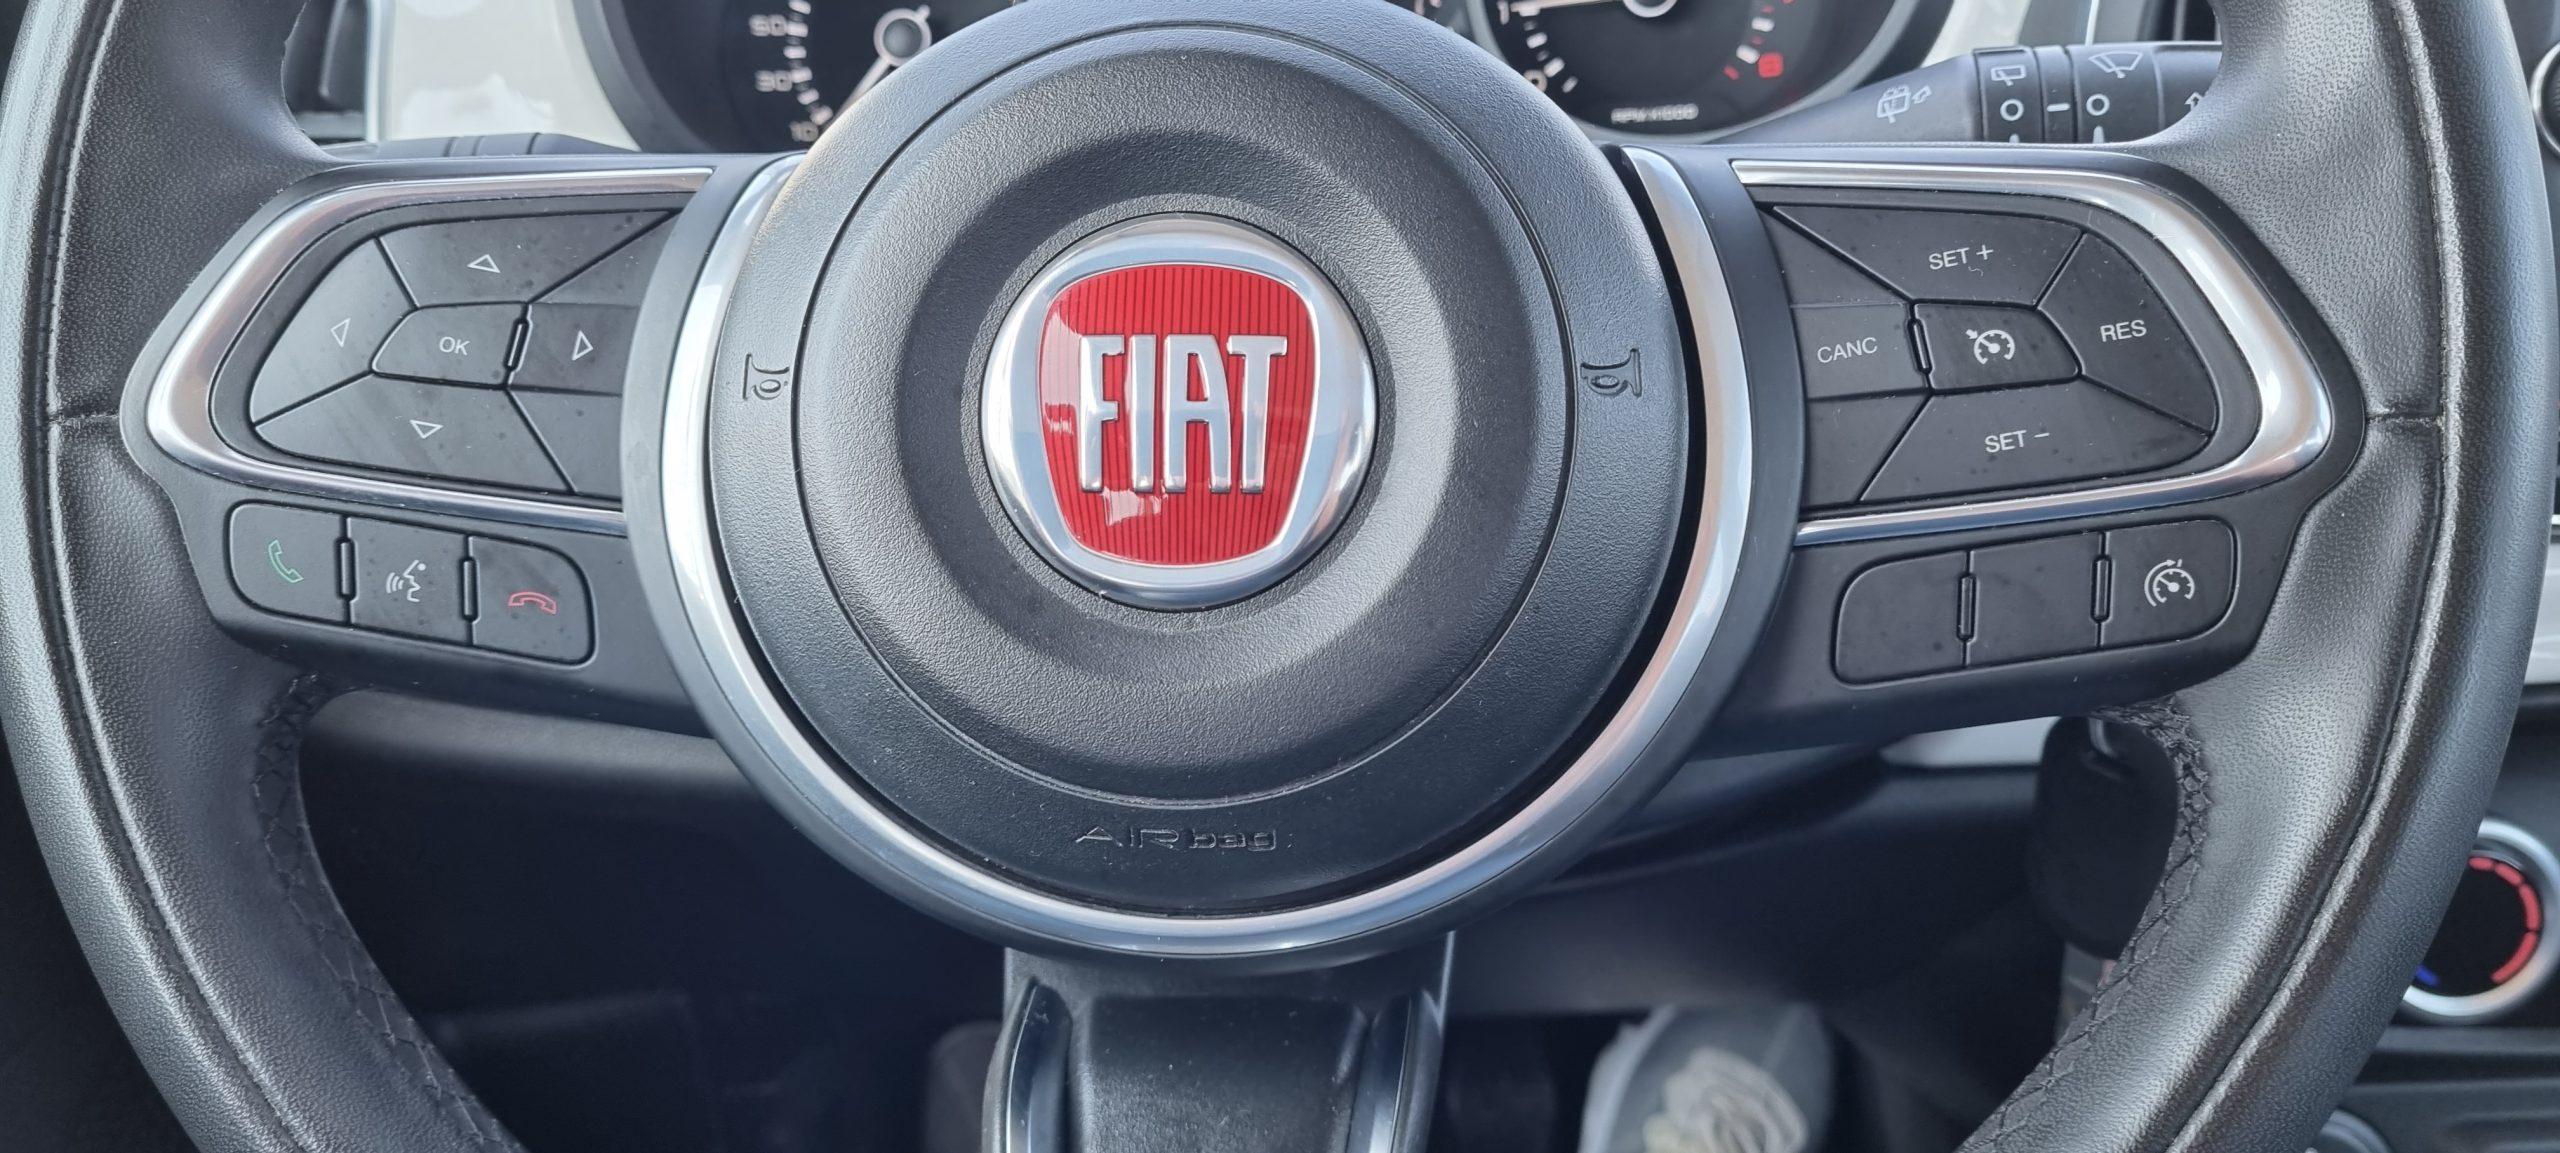 FIAT 500 L Lounge 0.9 TURBO